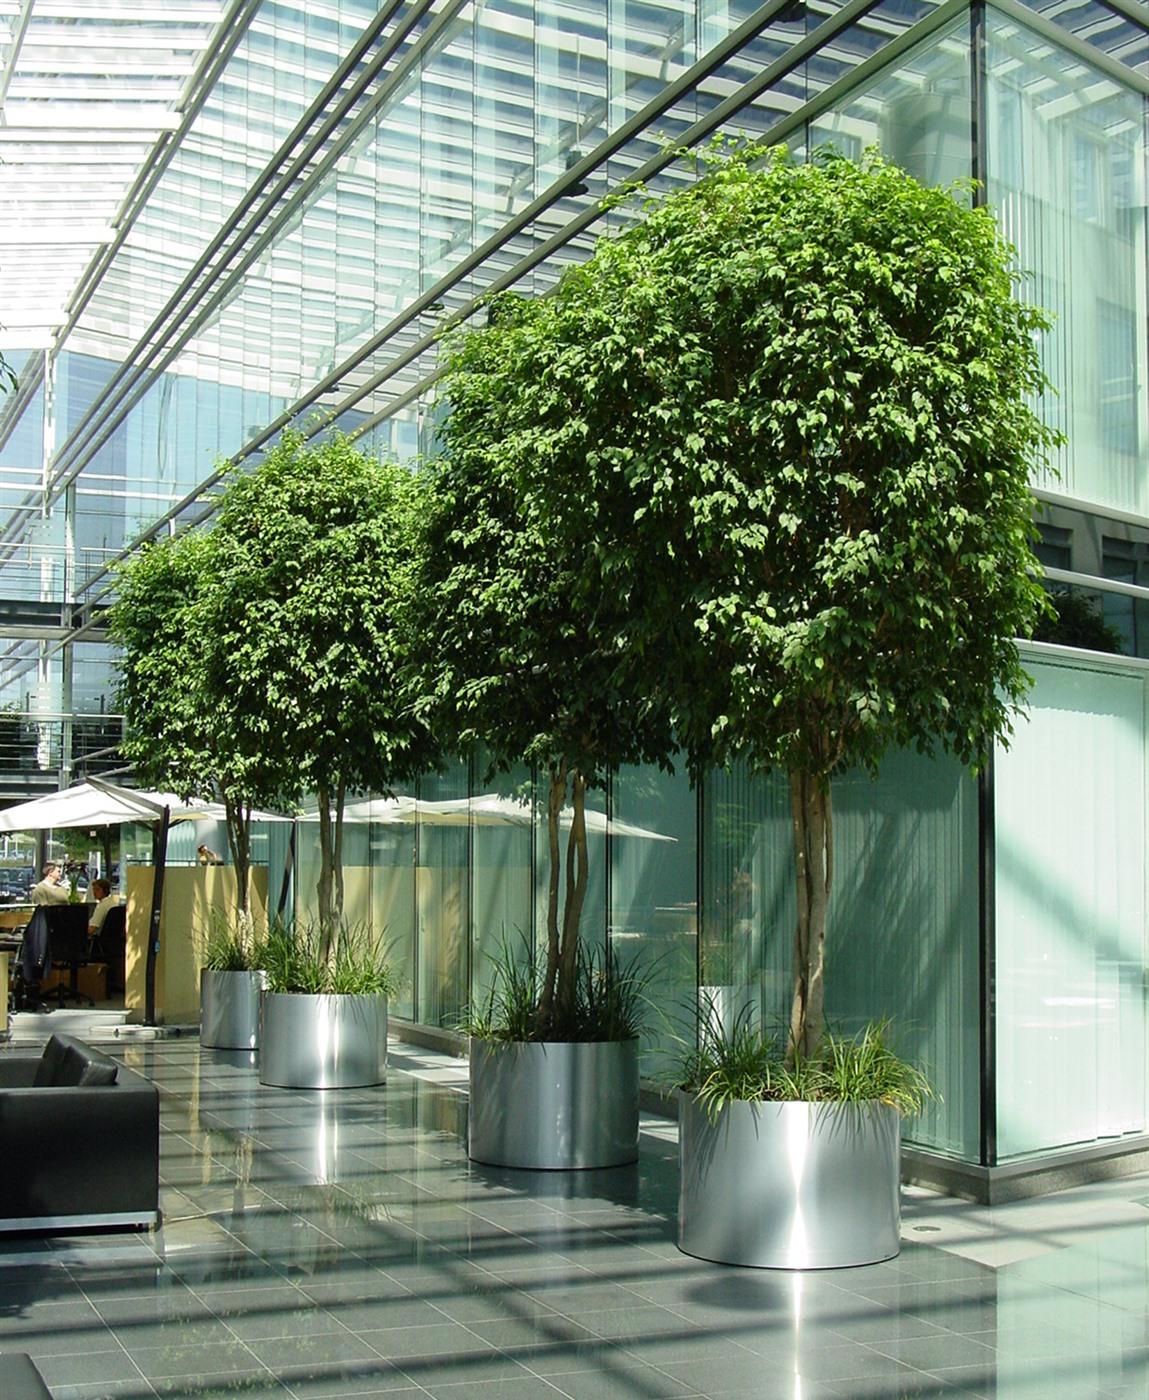 Plantes exotiques pour votre firme any green for Plantes exotiques artificielles